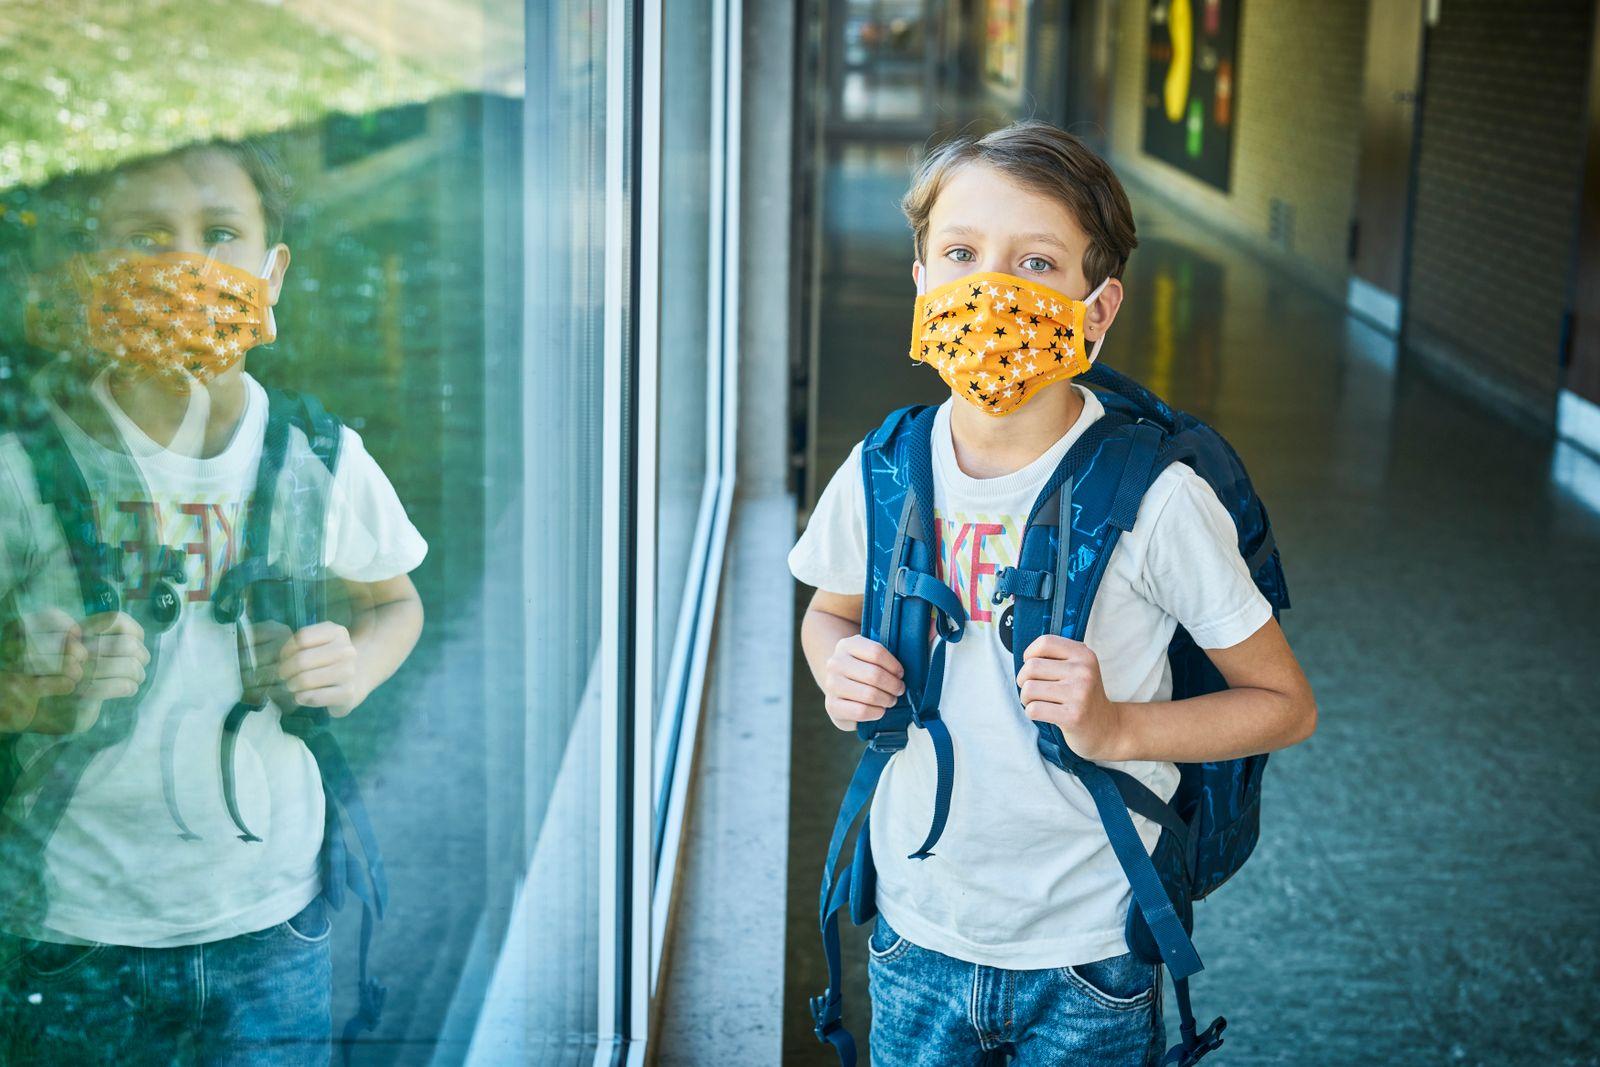 Boy wearing mask in school mirrored in window